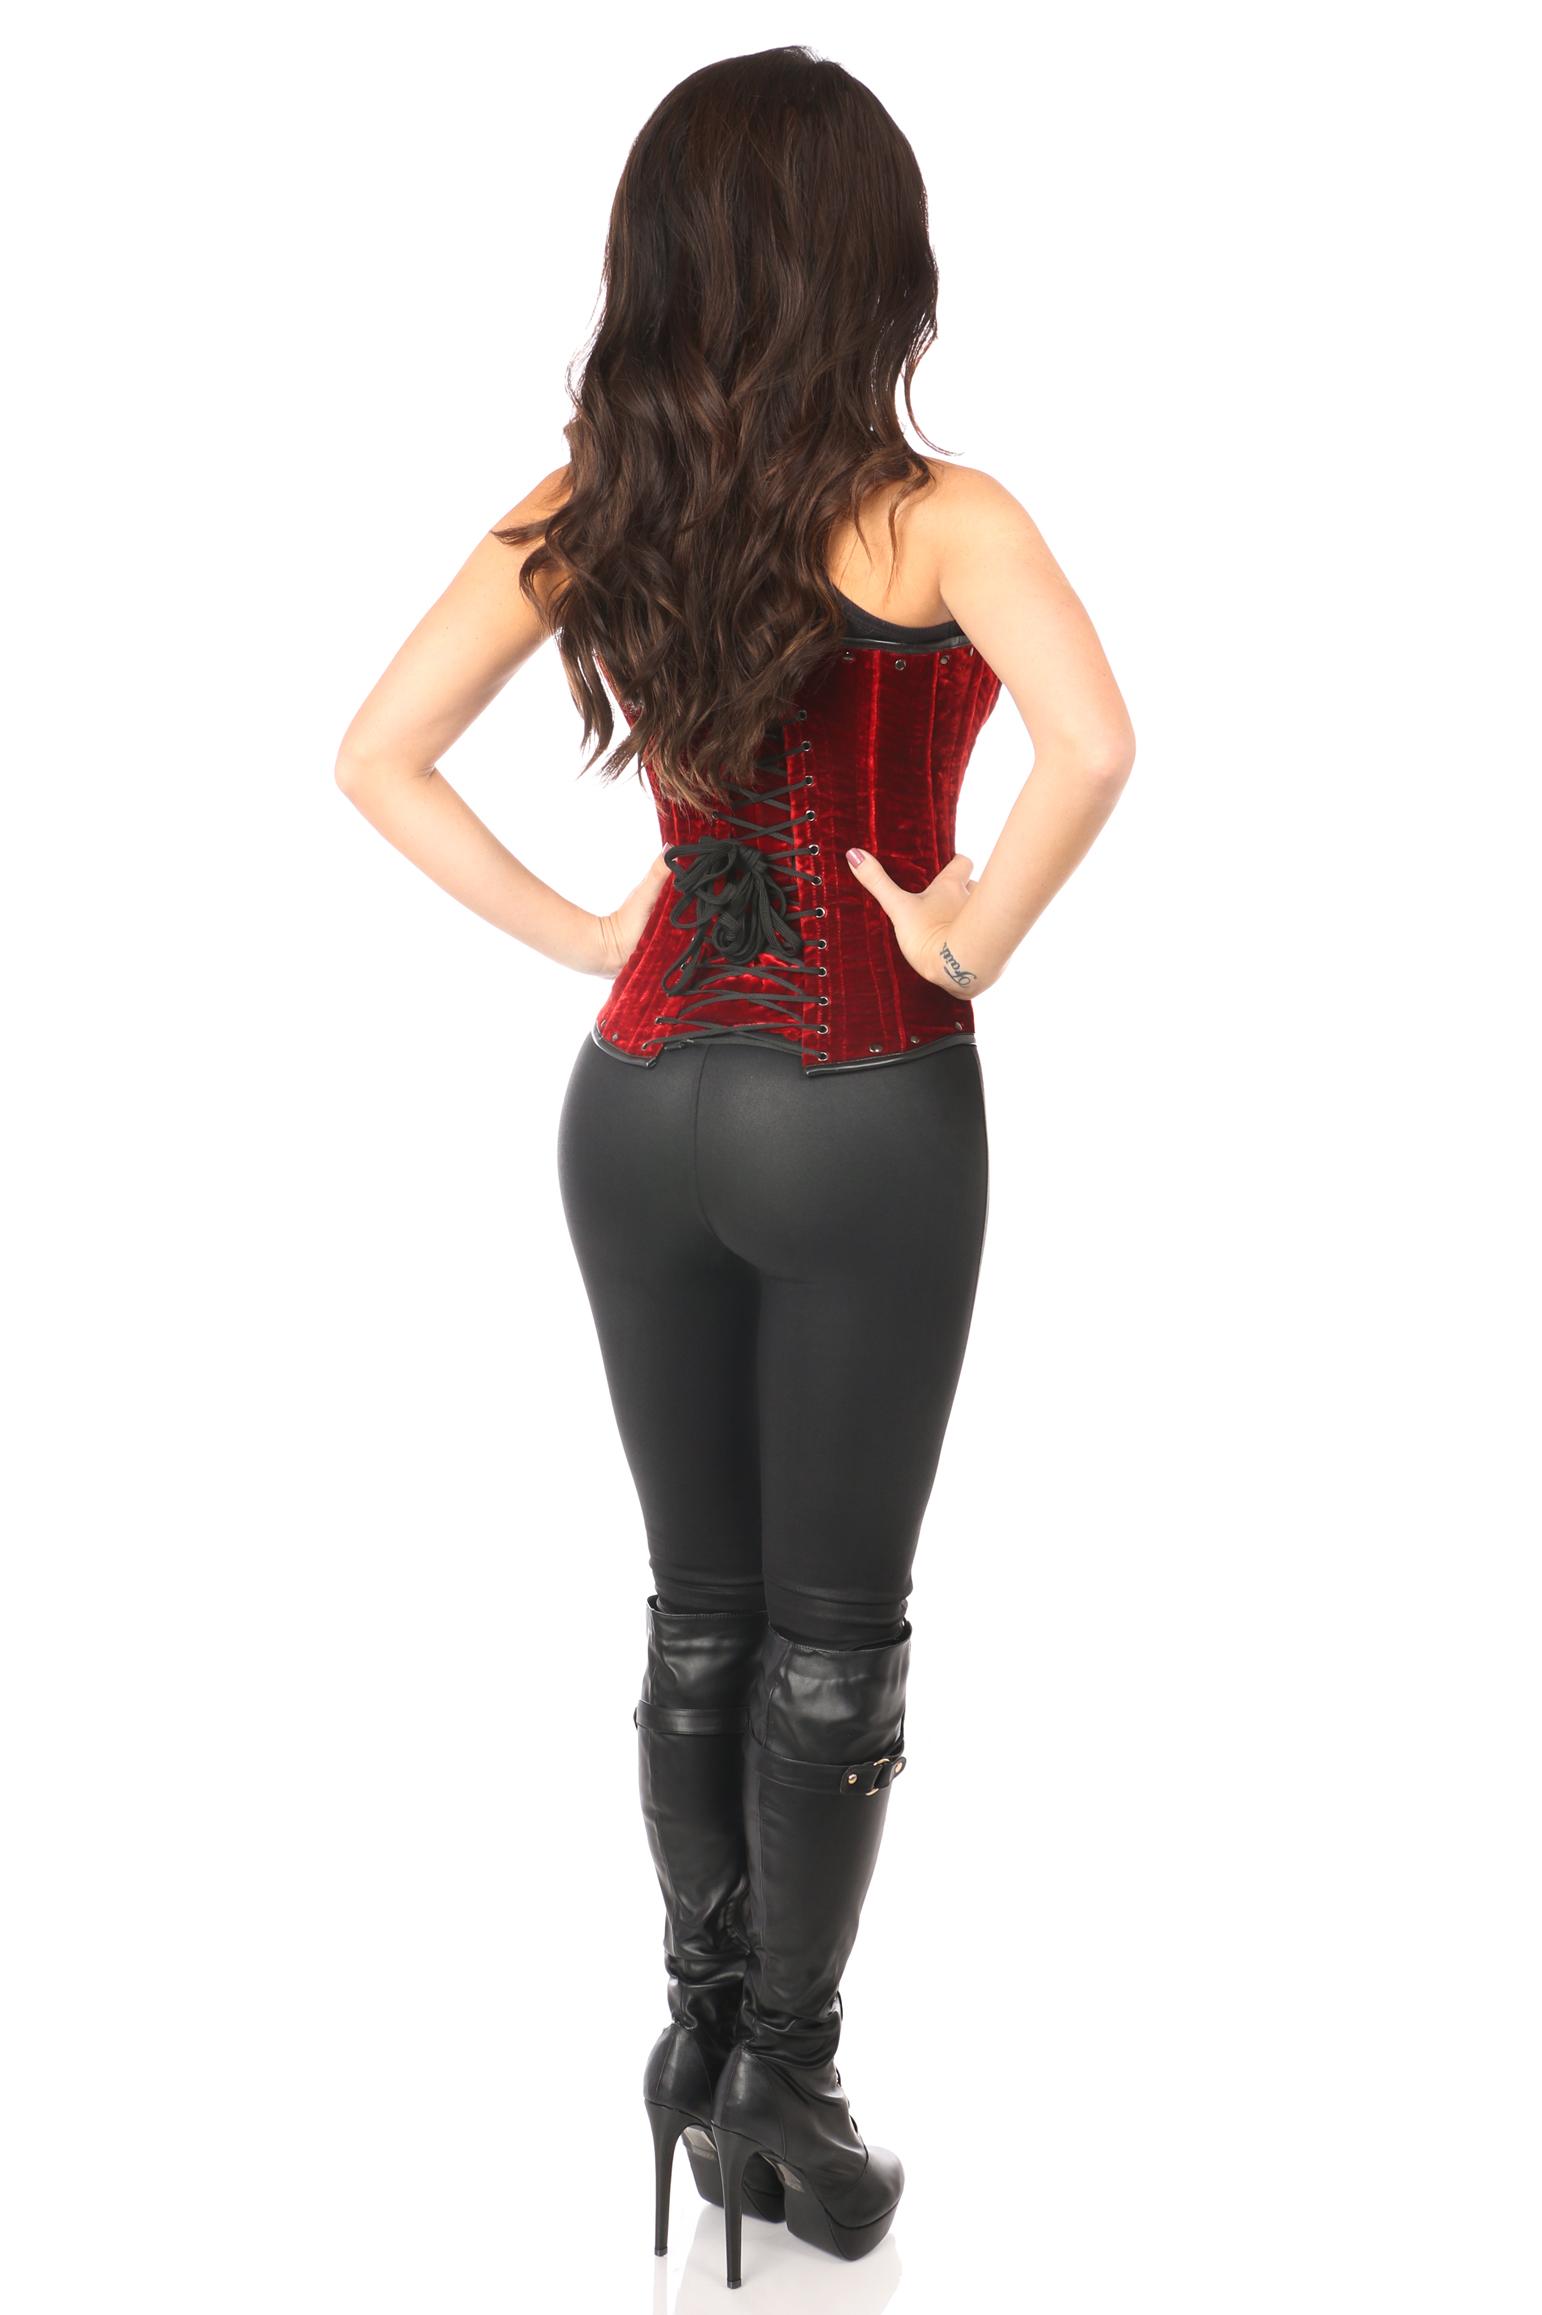 Top Drawer Steel Boned Red Velvet Underbust Corset w/Buckling DASTD-479